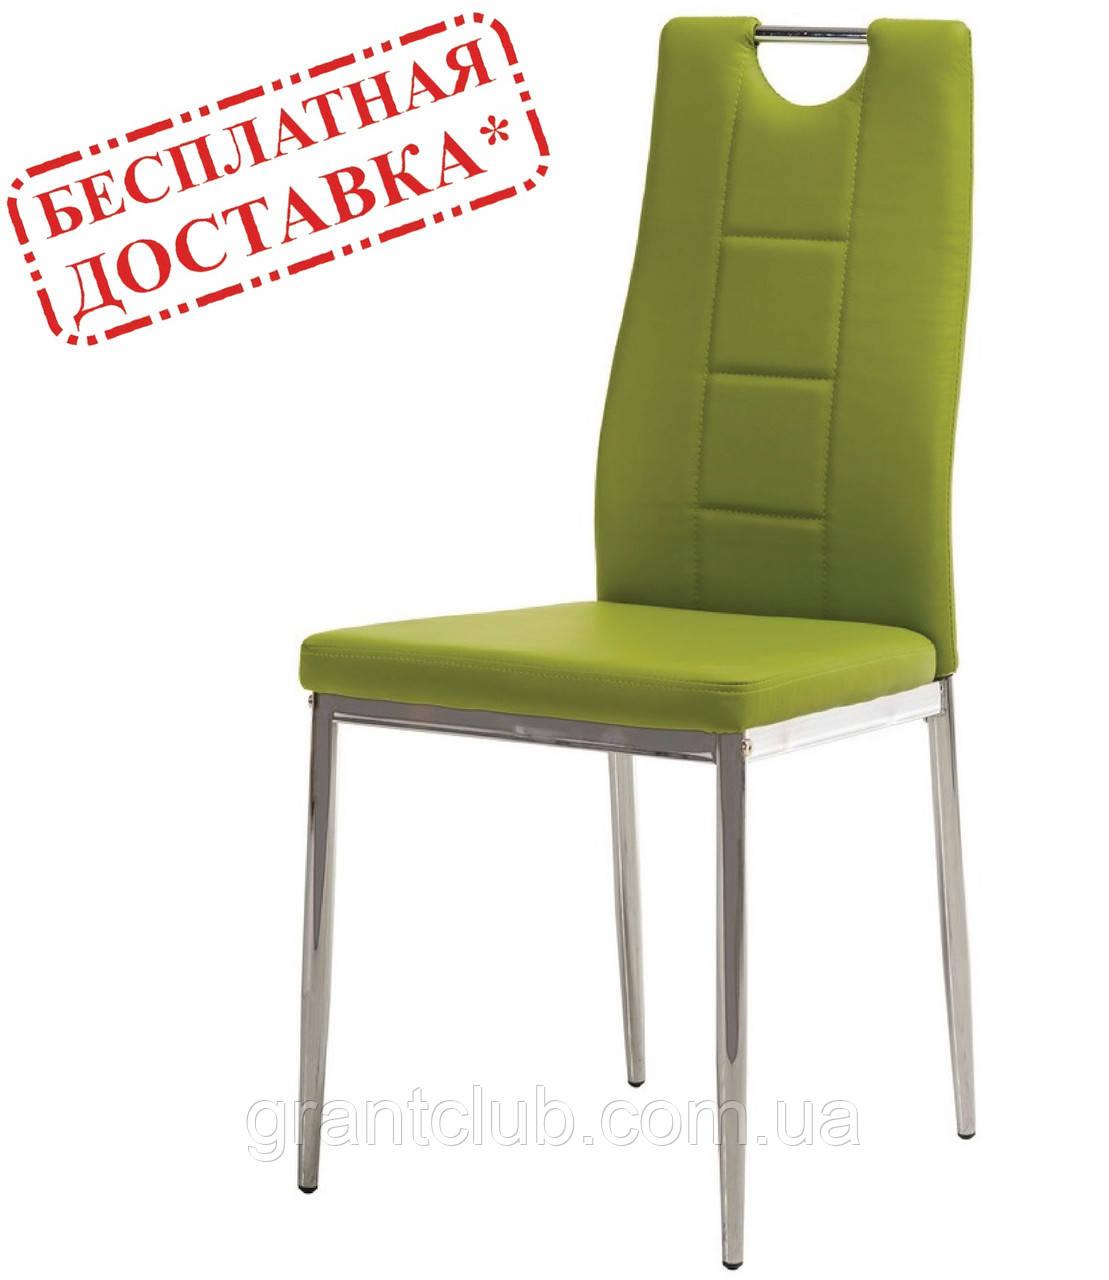 Обеденный мягкий стул N-67 оливковый кожзам Vetro Mebel (бесплатная доставка)